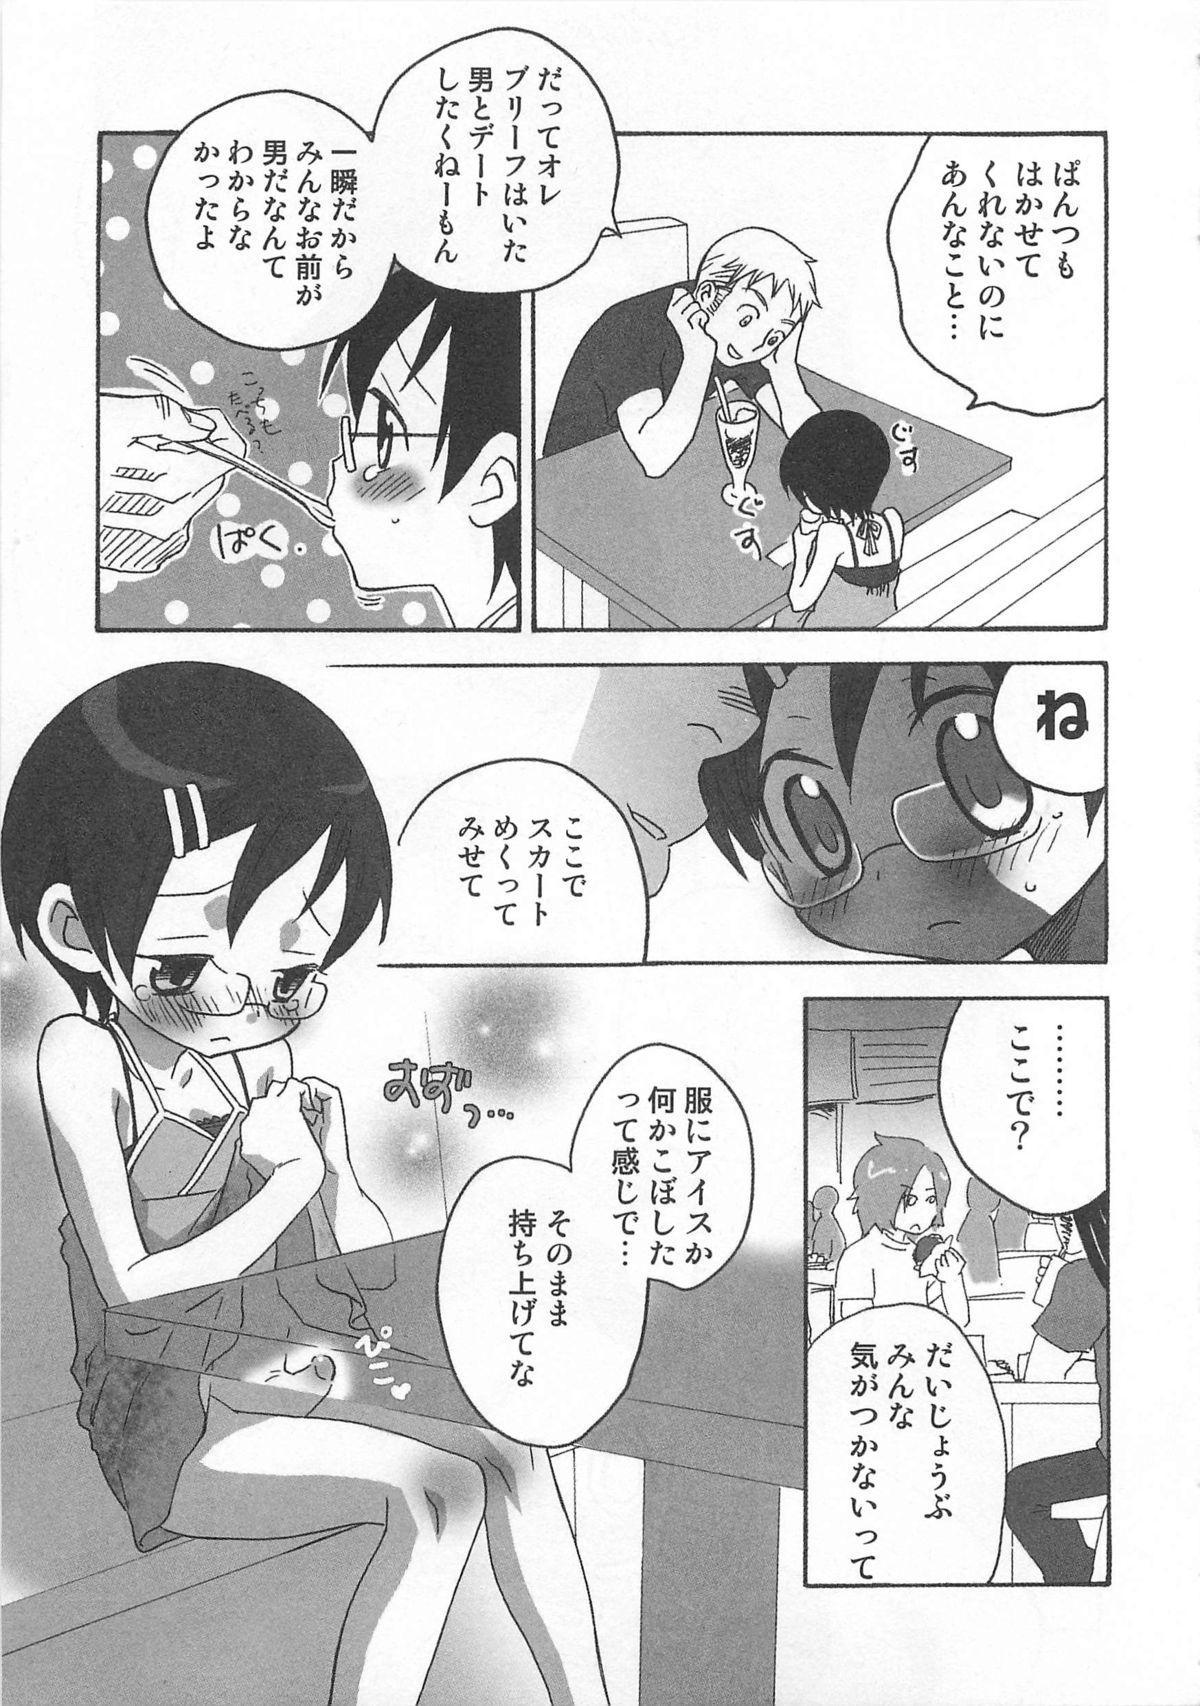 Otokonoko HEAVEN Vol. 01 Meganekko 23